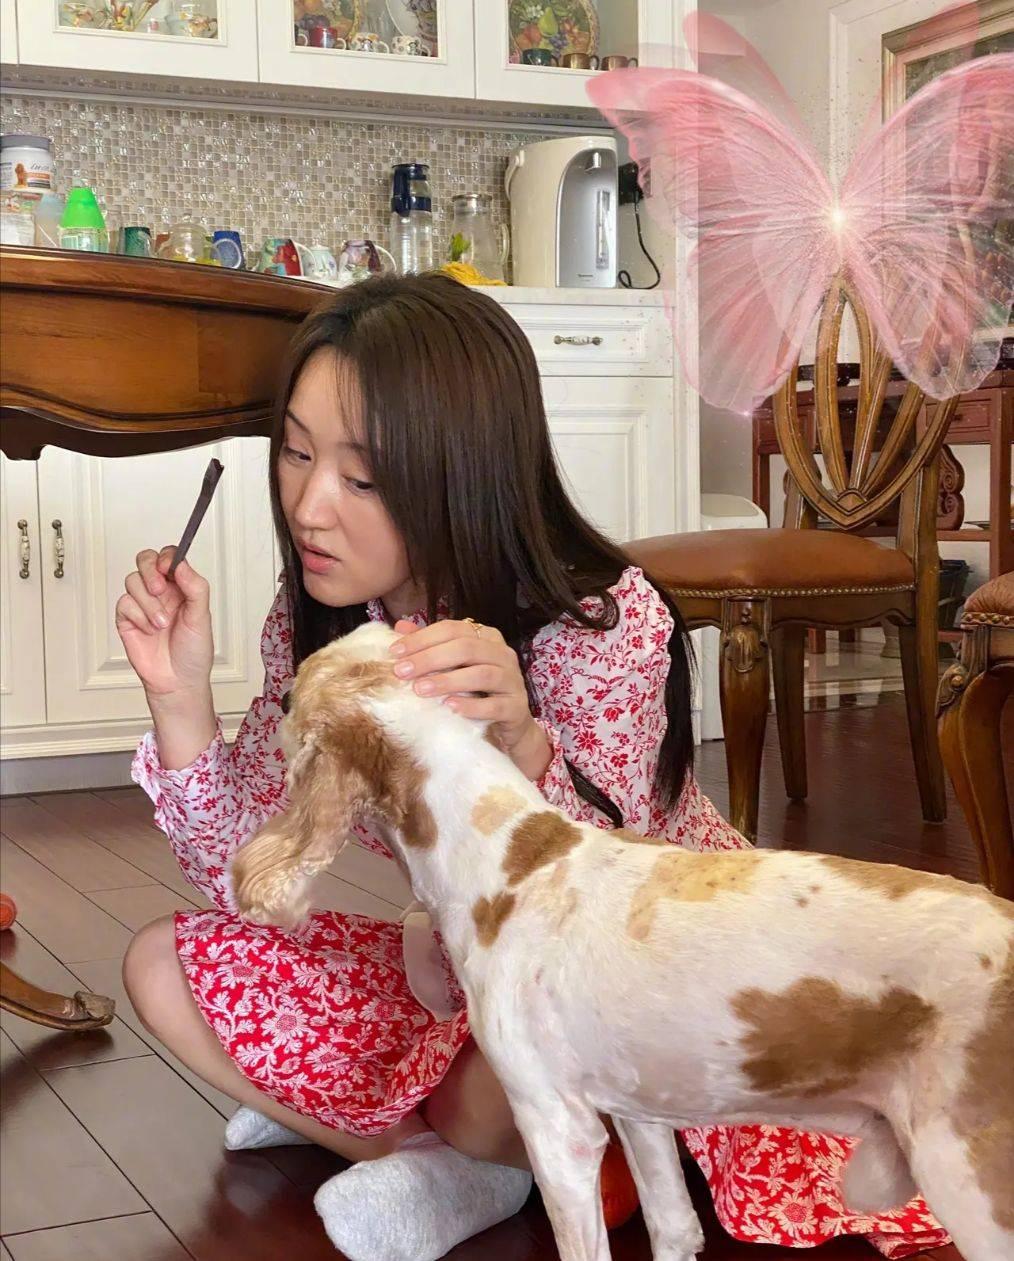 挑款师MK|原创杨钰莹在家的素颜照,丝毫不掩饰黝黑脸蛋,有皱纹也大方任拍!